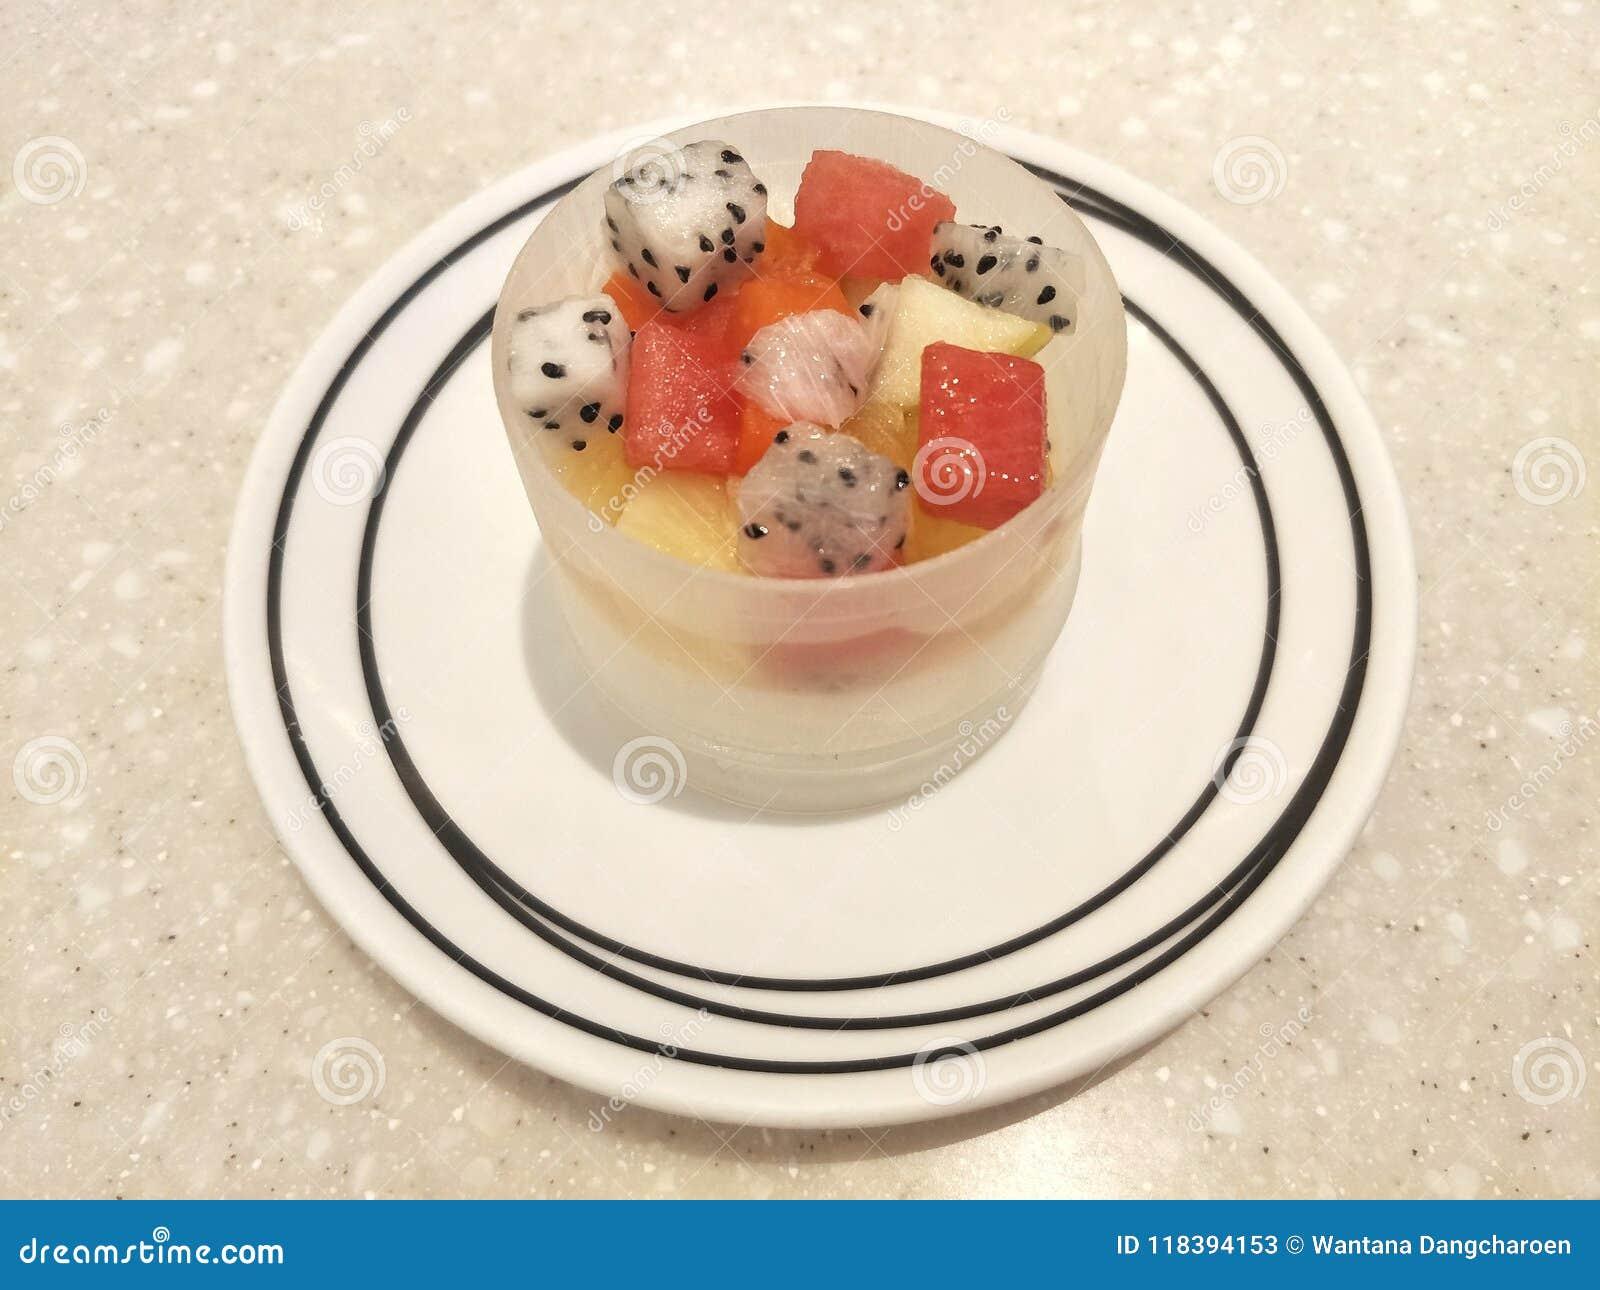 杯布丁用水果沙拉